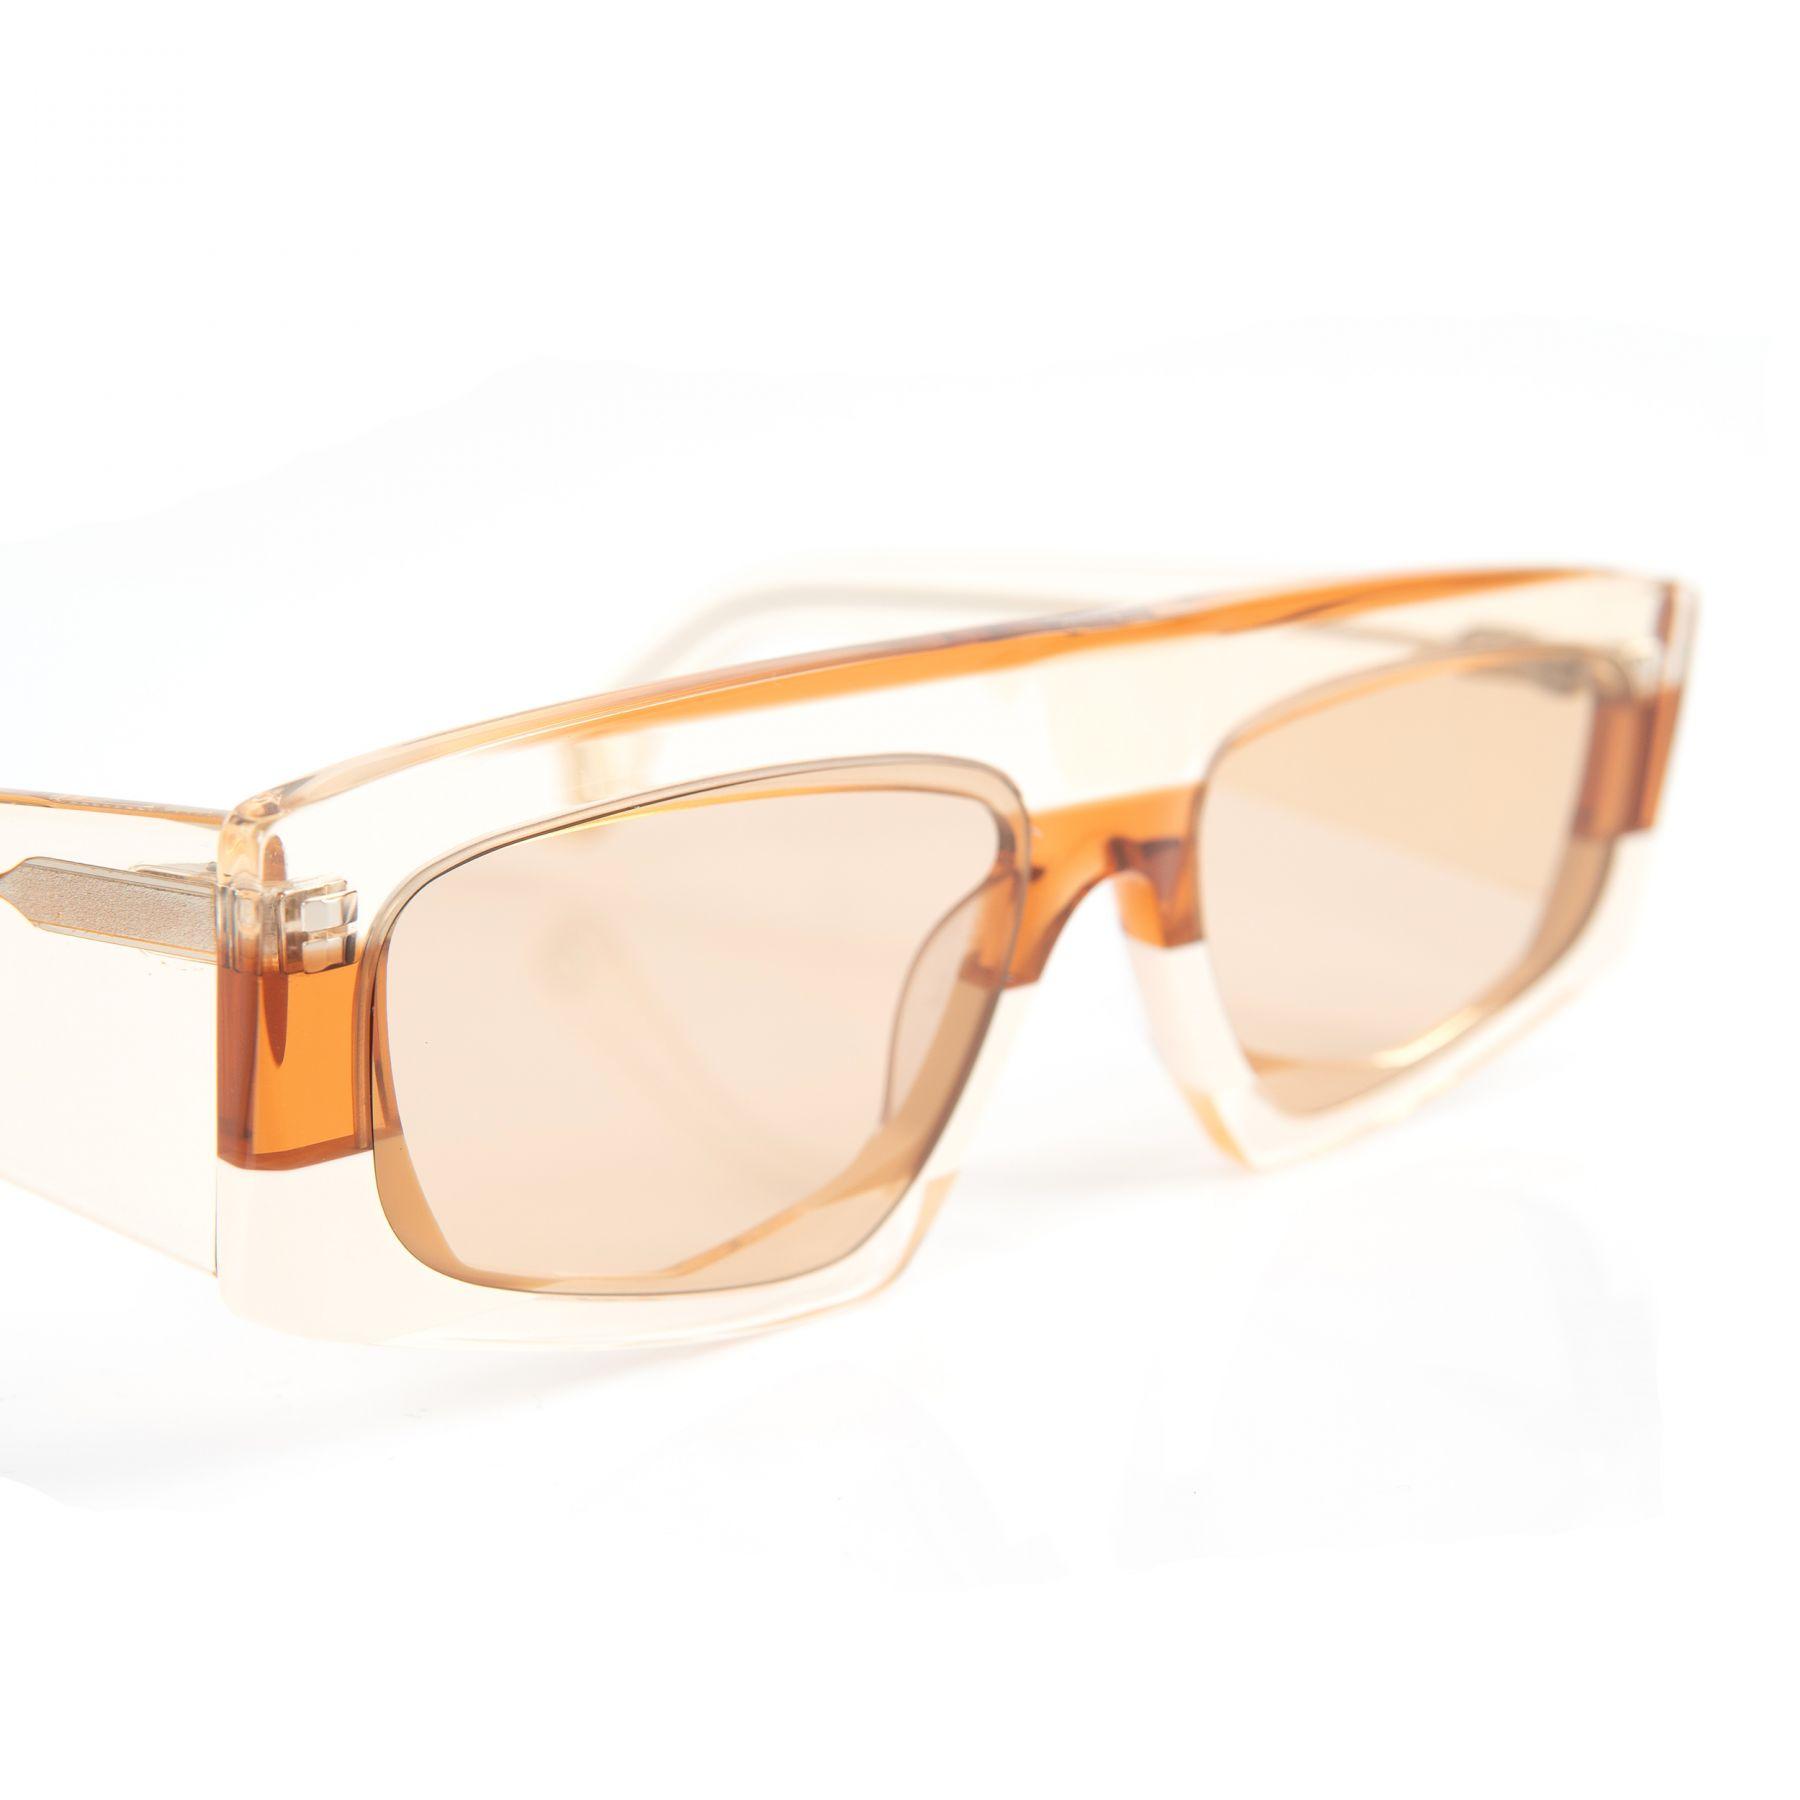 Очки Jacquemus Les lunettes Yauco оранжевые